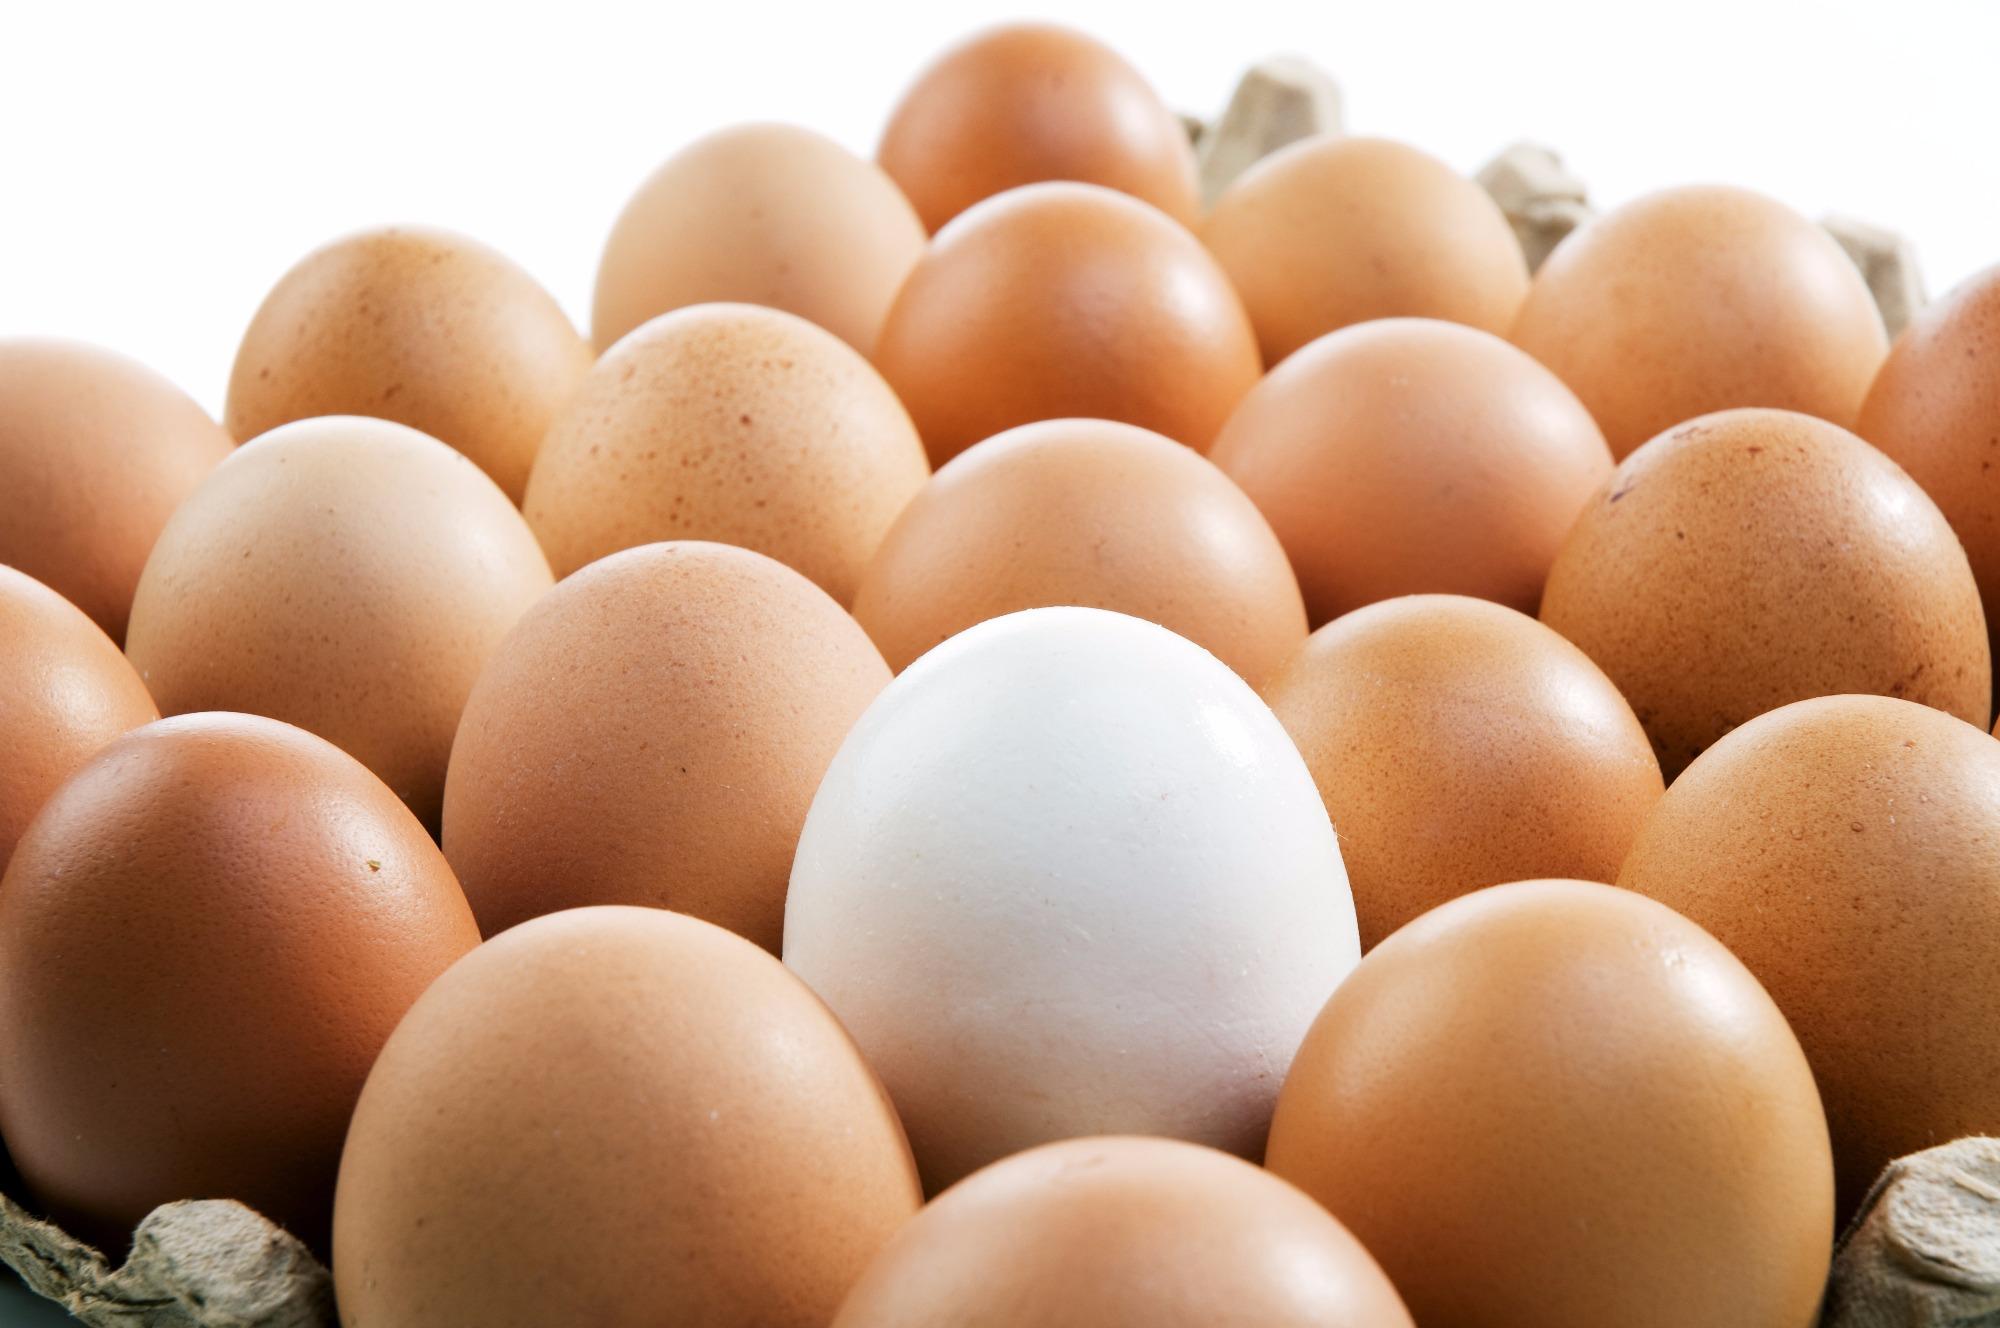 Preços dos ovos continuam estáveis na primeira quinzena